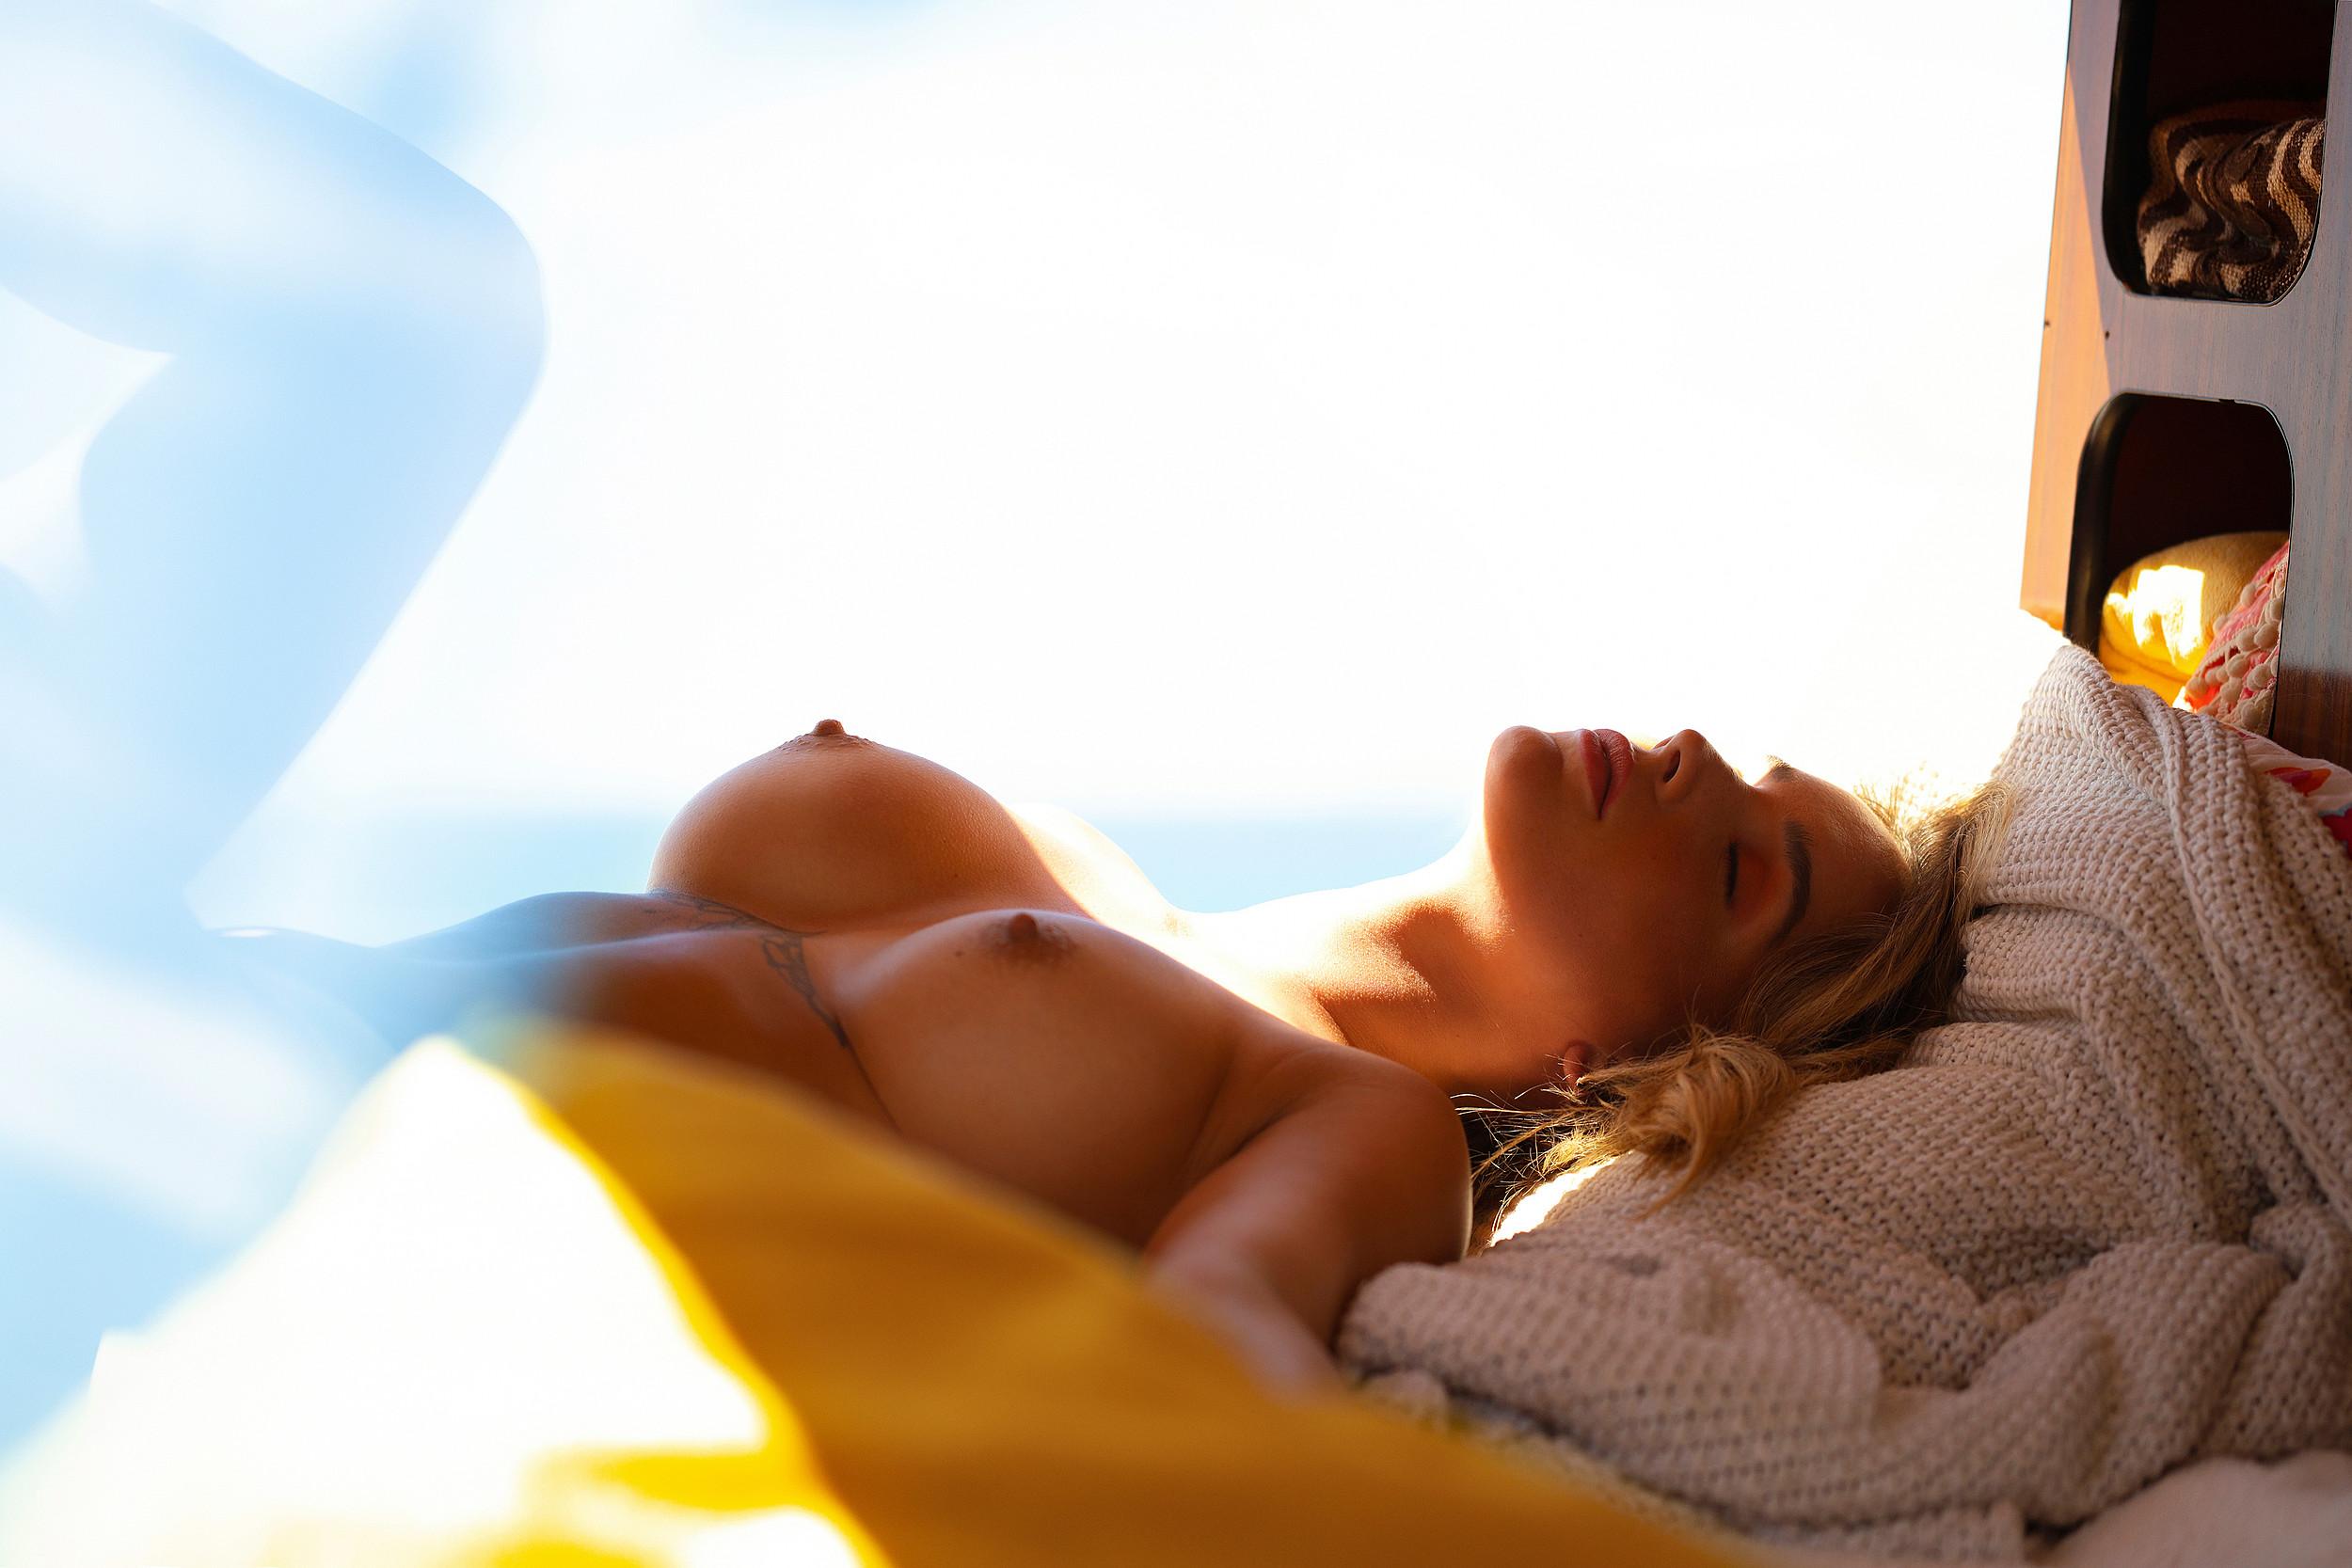 julia-rommelt-naked-tattoos-camper-seaside-december-2020-germany-playboy-11